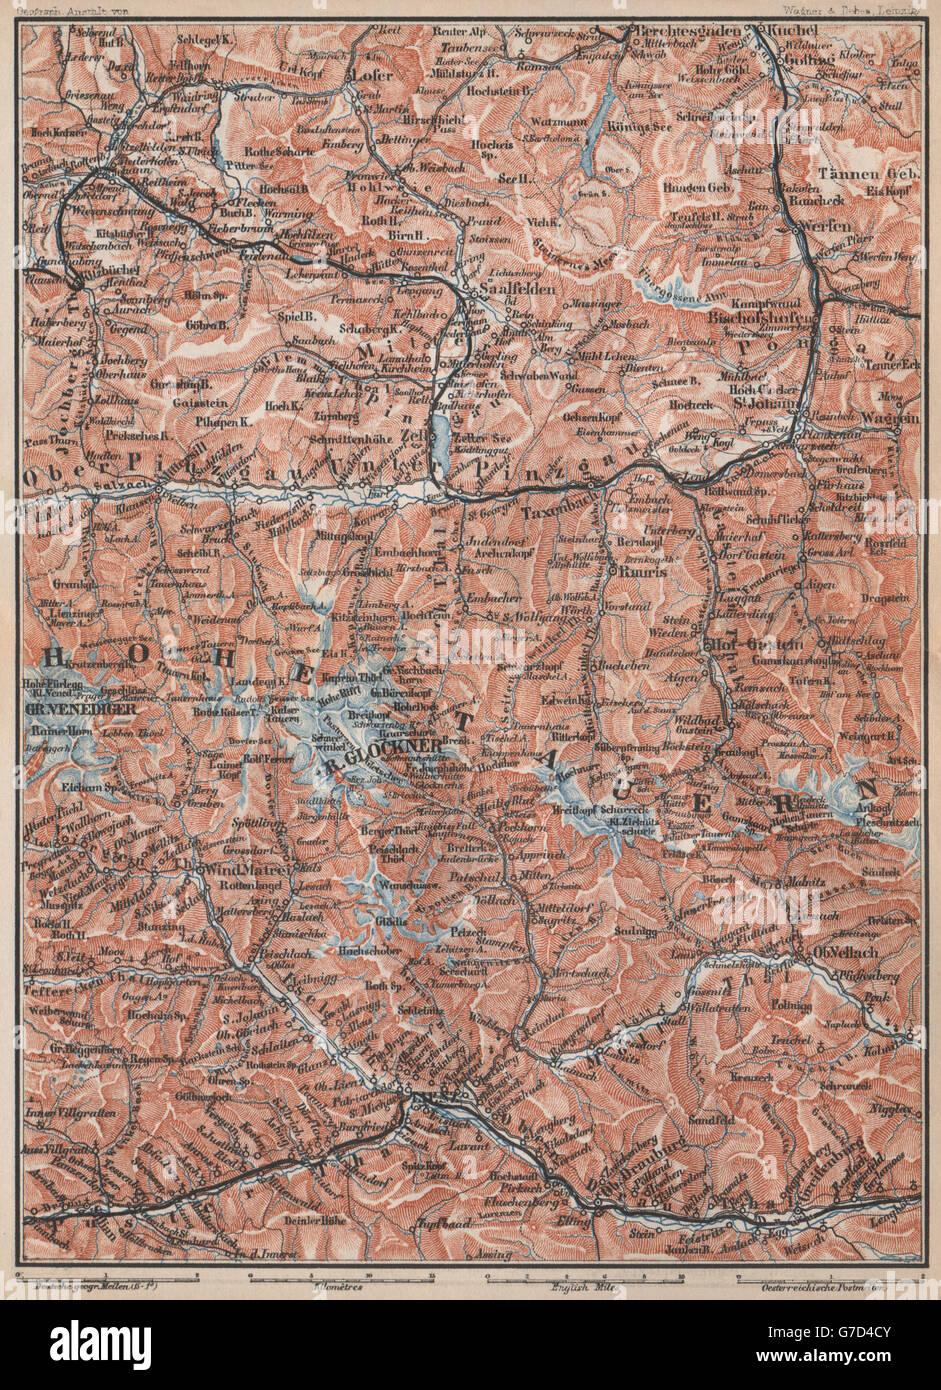 Großglockner Karte.Hohe Tauern Kitzbühel Bad Gastein Lienz Berchtesgaden Großglockner